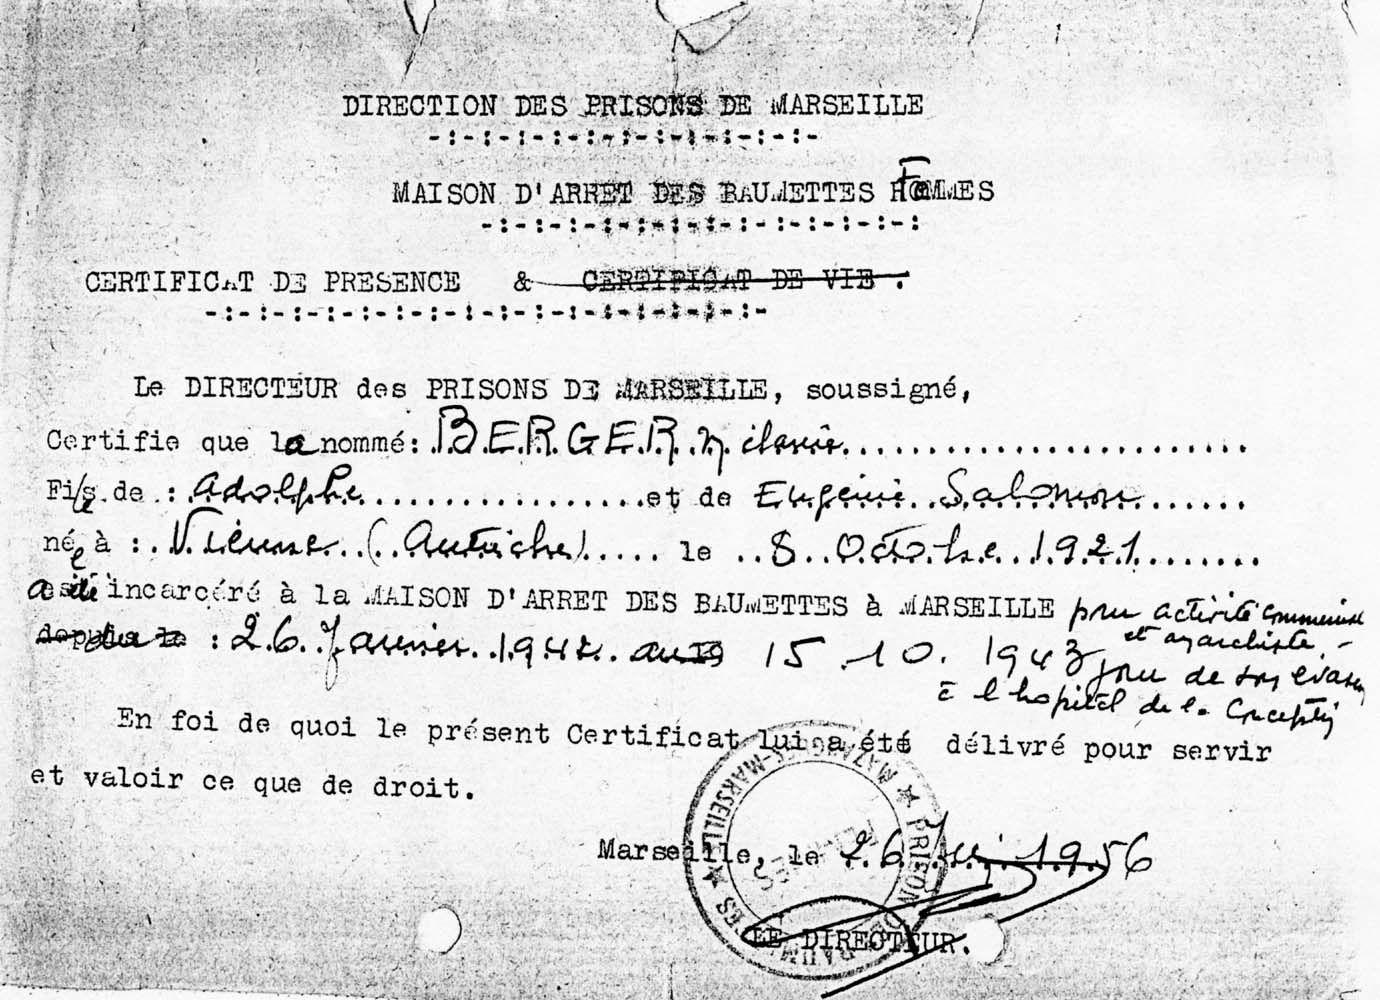 Certificat de présence émis par la prison des Baumettes le 26 juin 1956 concernant Mélanie Berger ( © Collection Mélanie Volle-Berger Droits réservés)